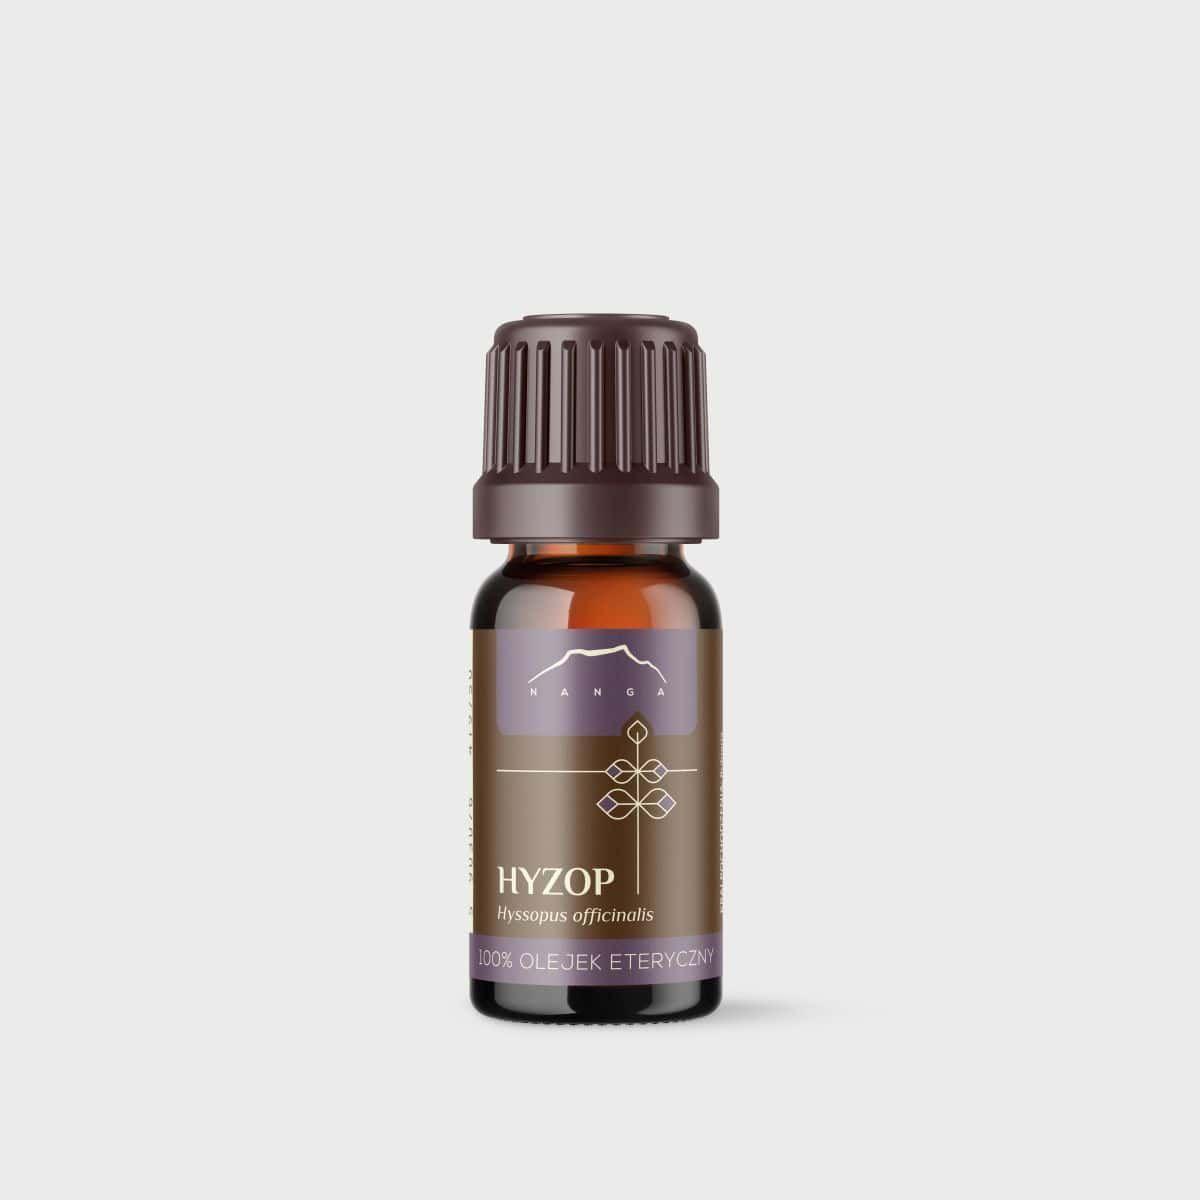 Olejek hyzopowy 100% eteryczny Nanga